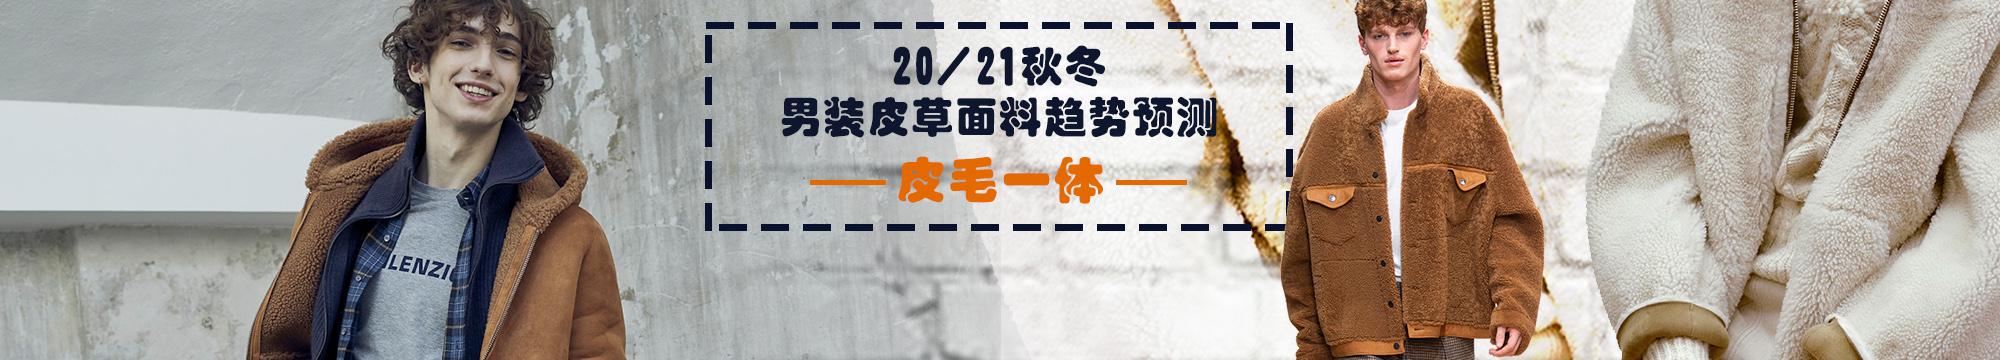 皮毛一体--20/21秋冬男装皮草面料趋势预测